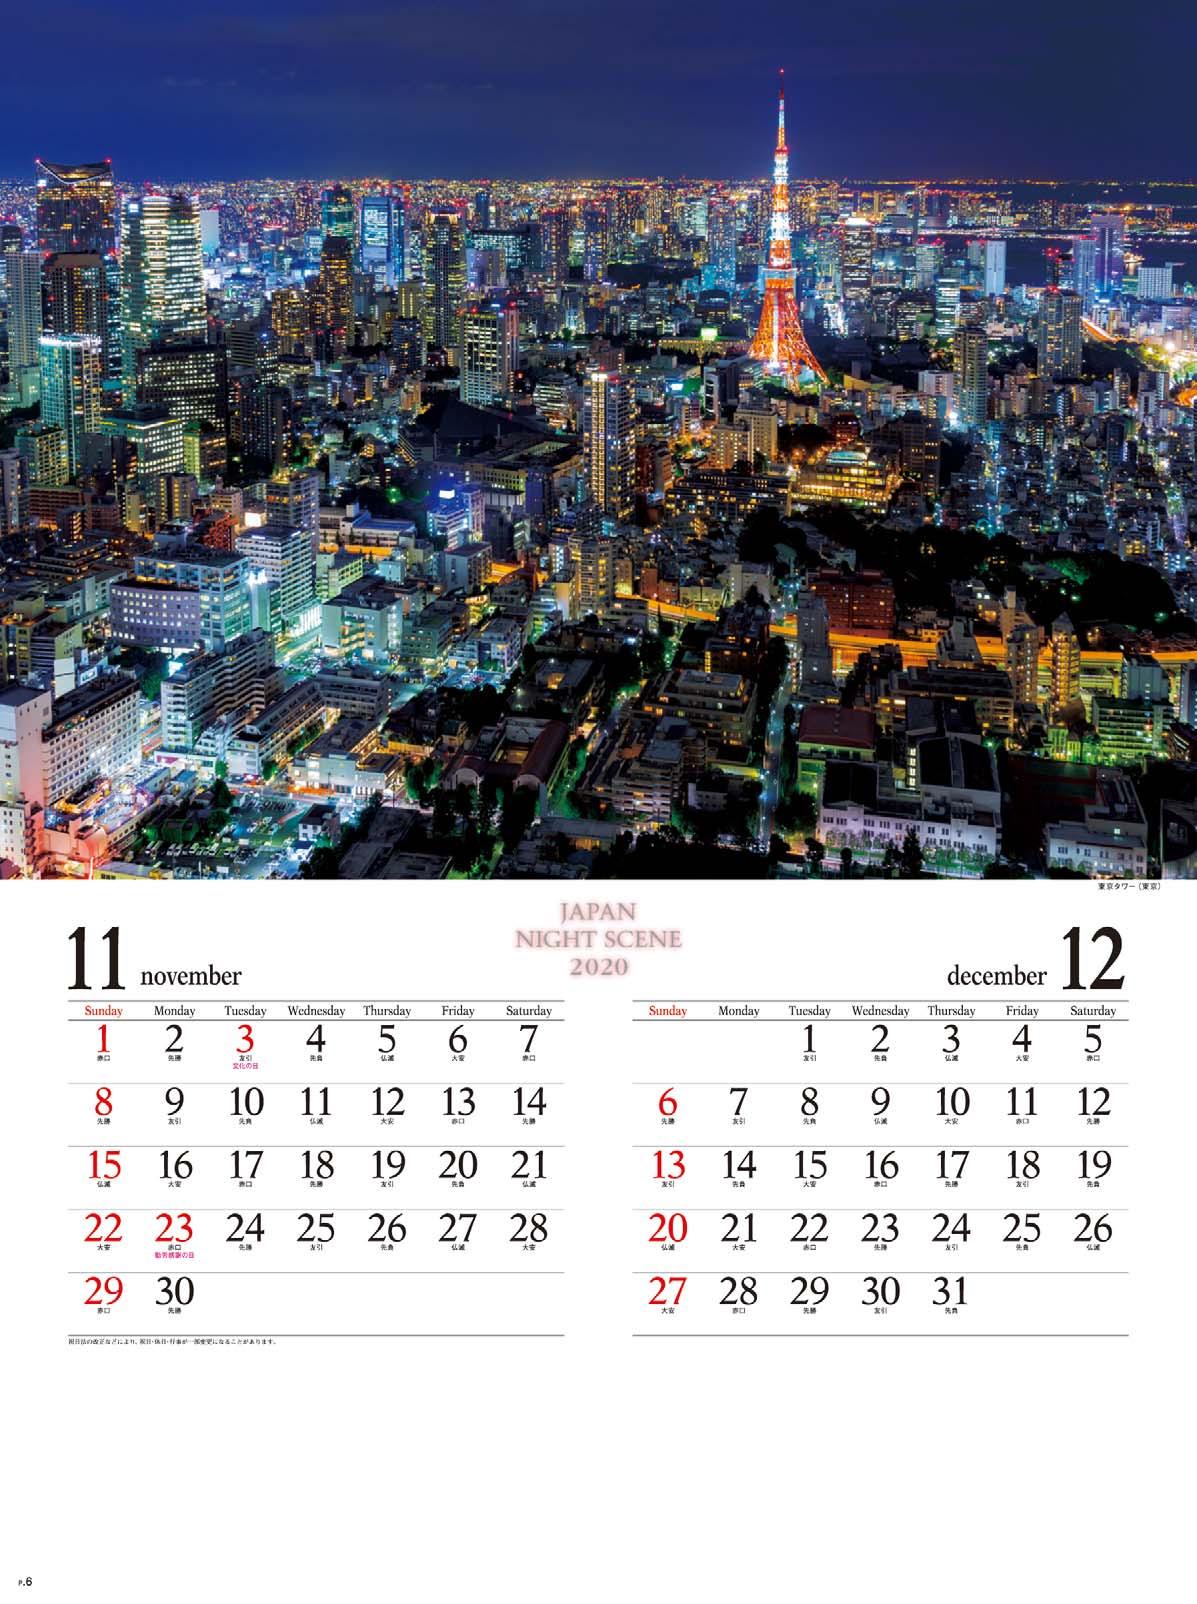 画像:東京タワー(東京) ジャパンナイトシーン 日本の夜景 2020年カレンダー